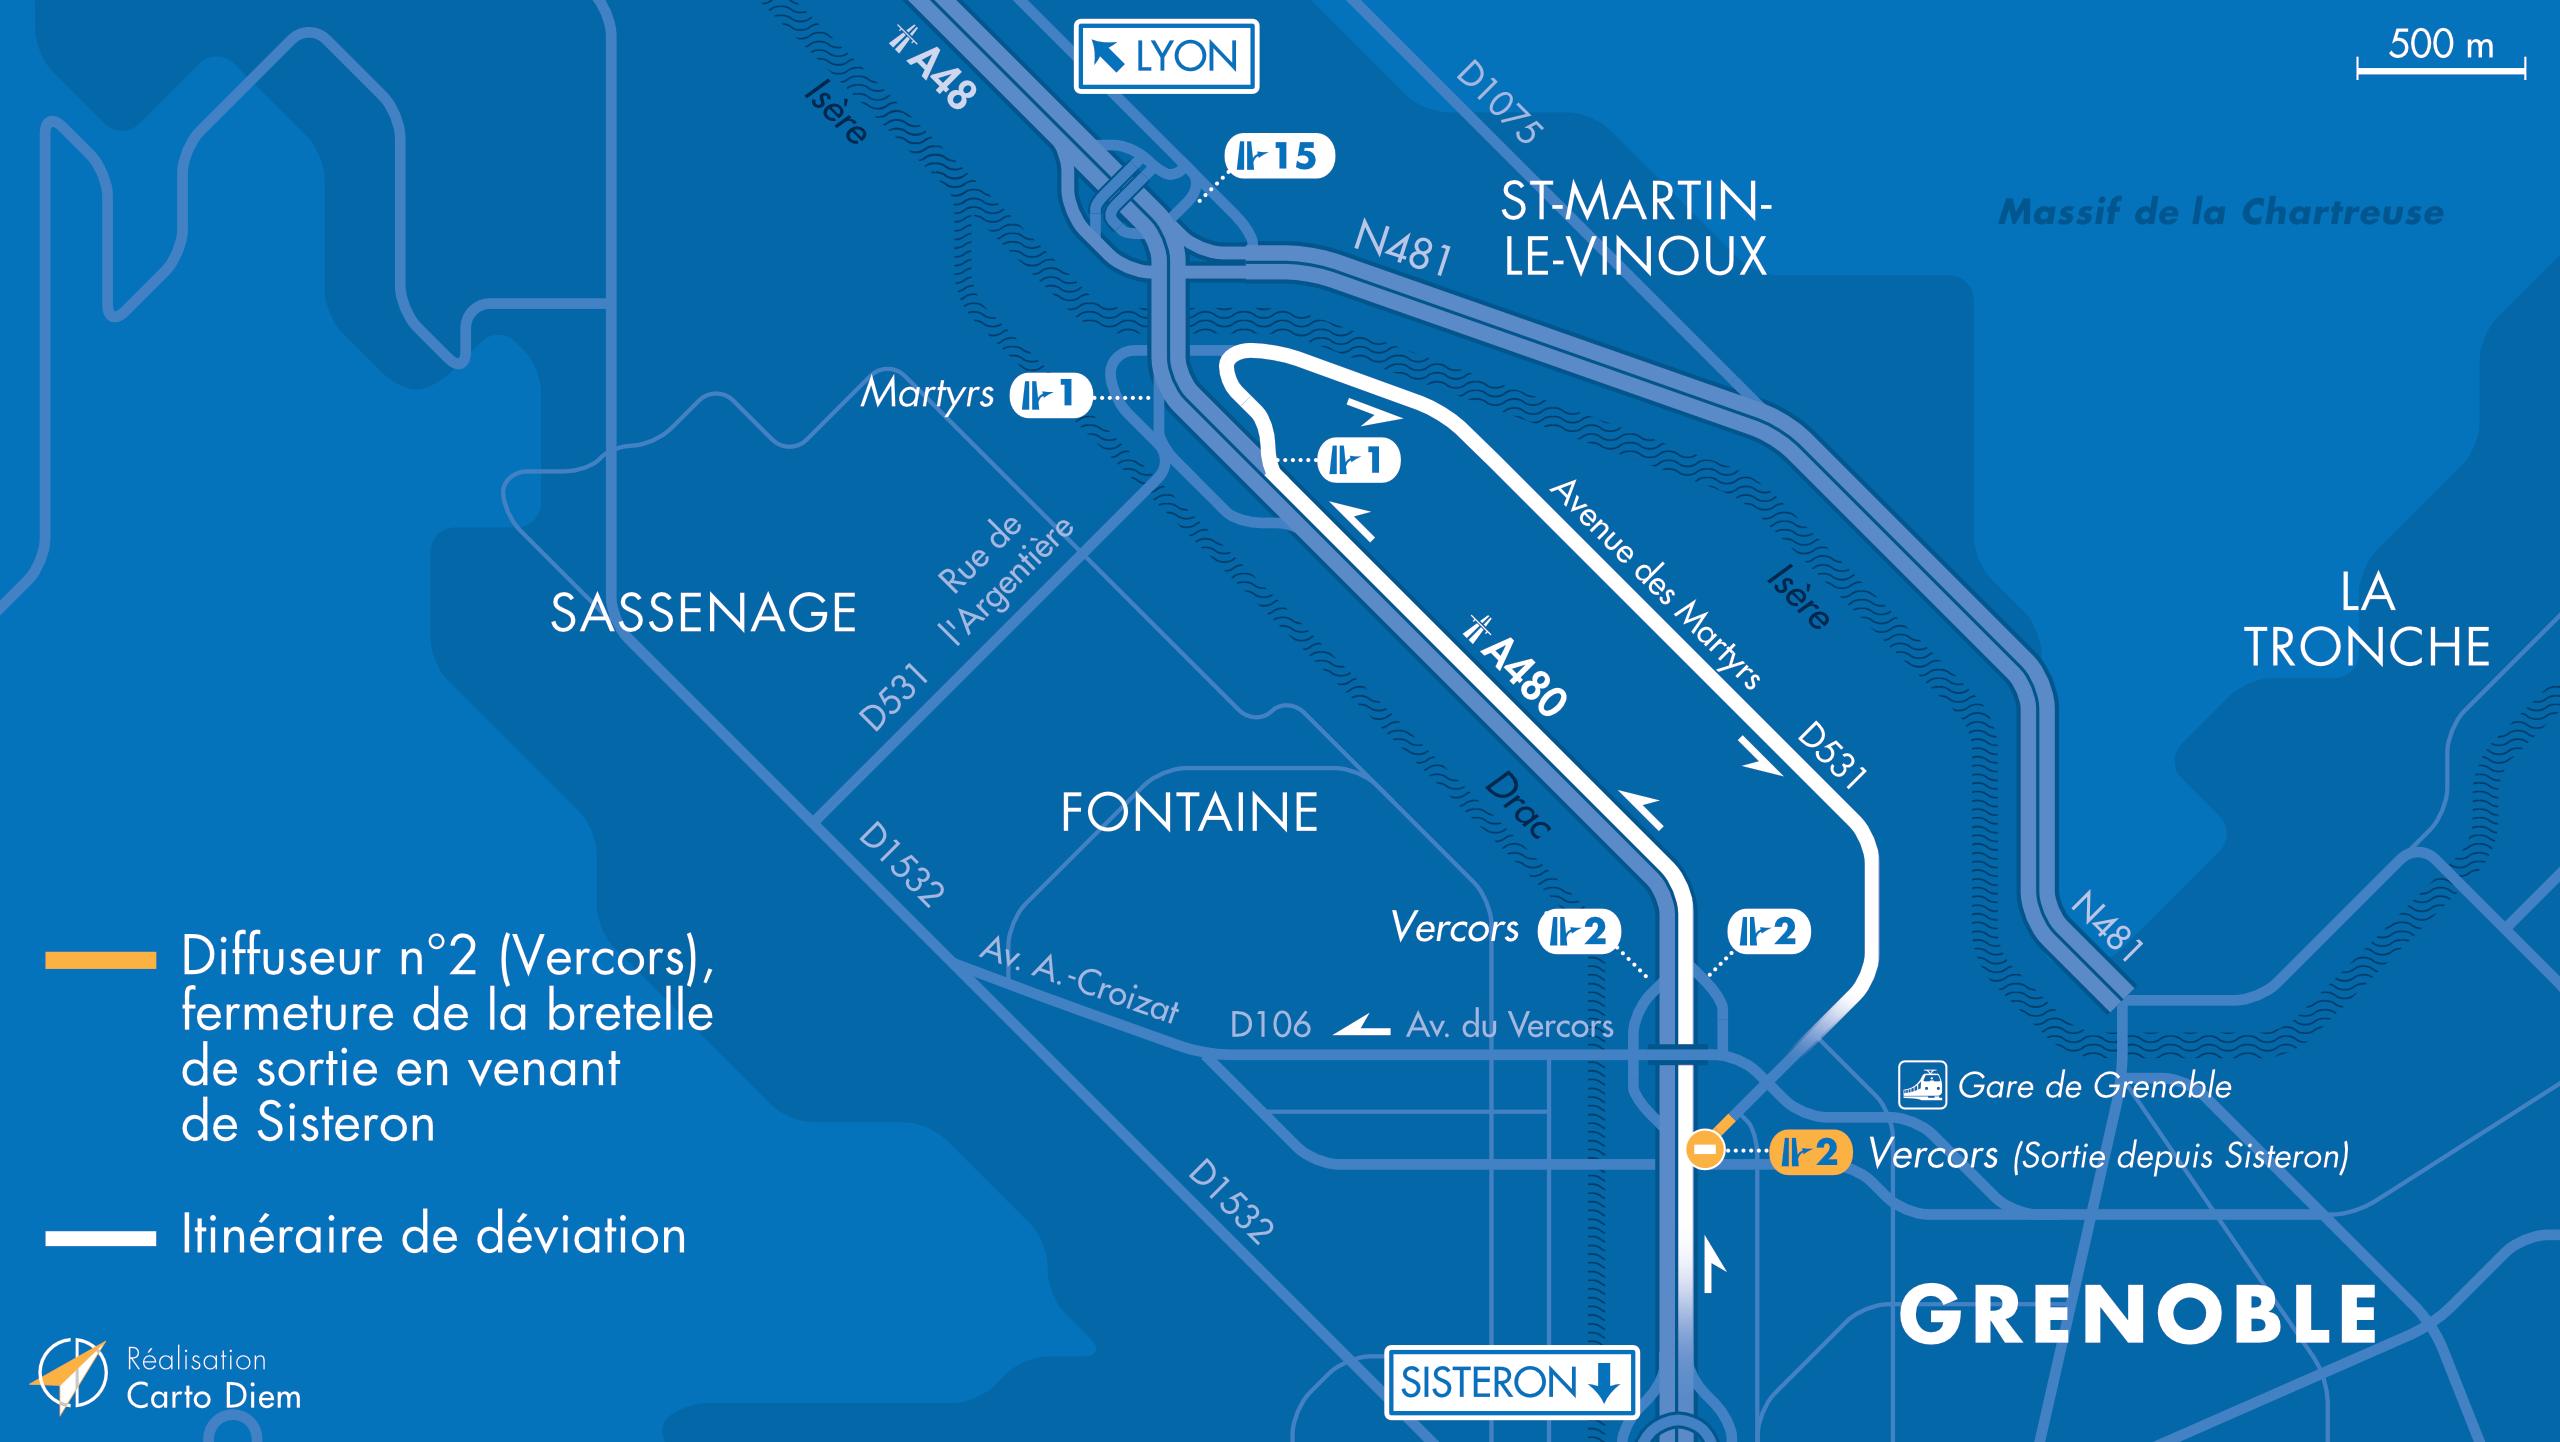 Carte de déviation suite à la fermeture de la bretelle de sortie depuis Sisteron vers Grenoble du diffuseur de Vercors